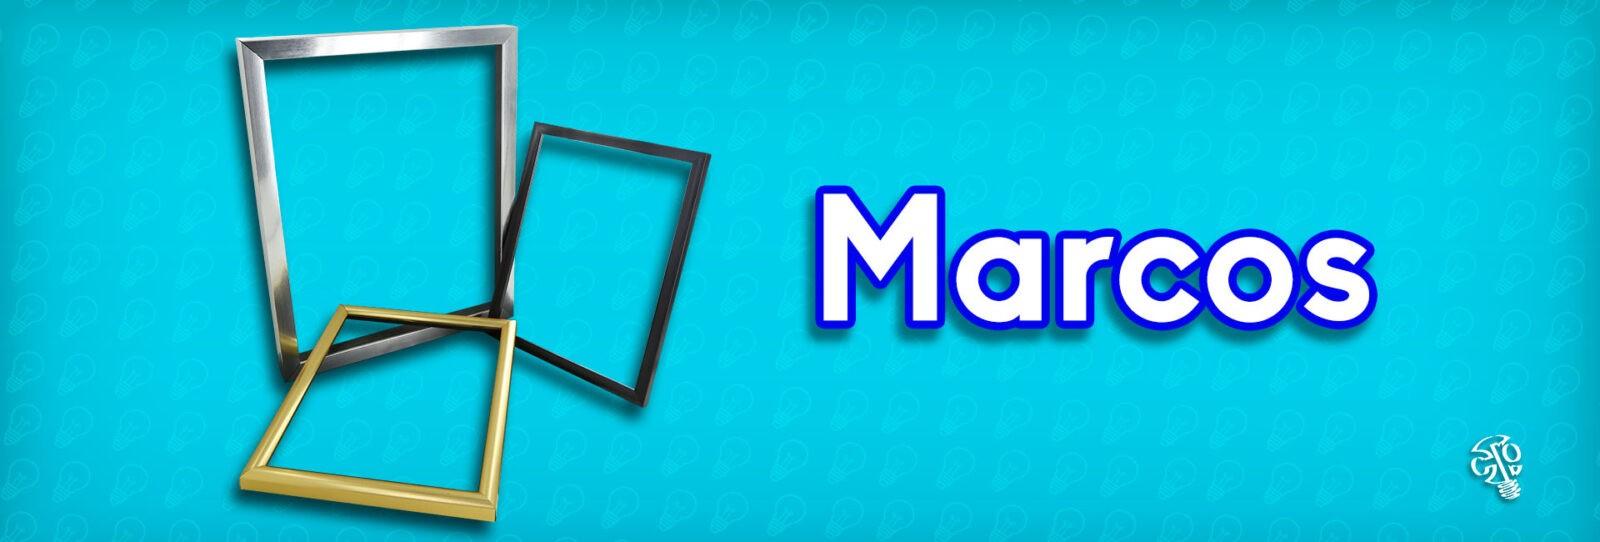 b_4_Marcos